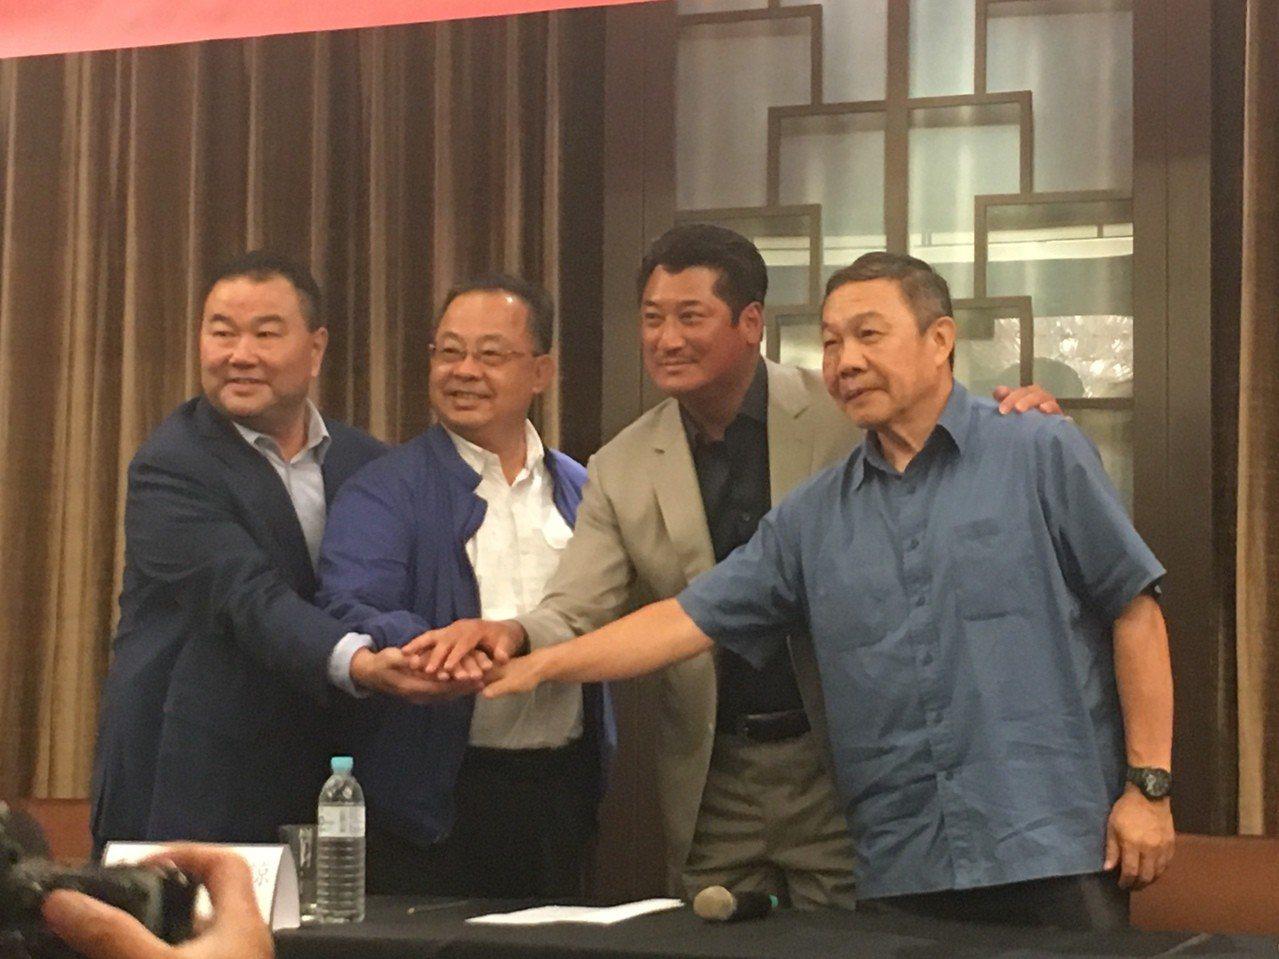 中華棒協新任理事長辜仲諒(右二)以及3名副理事長林華韋(右)、余政憲(左二)、趙...